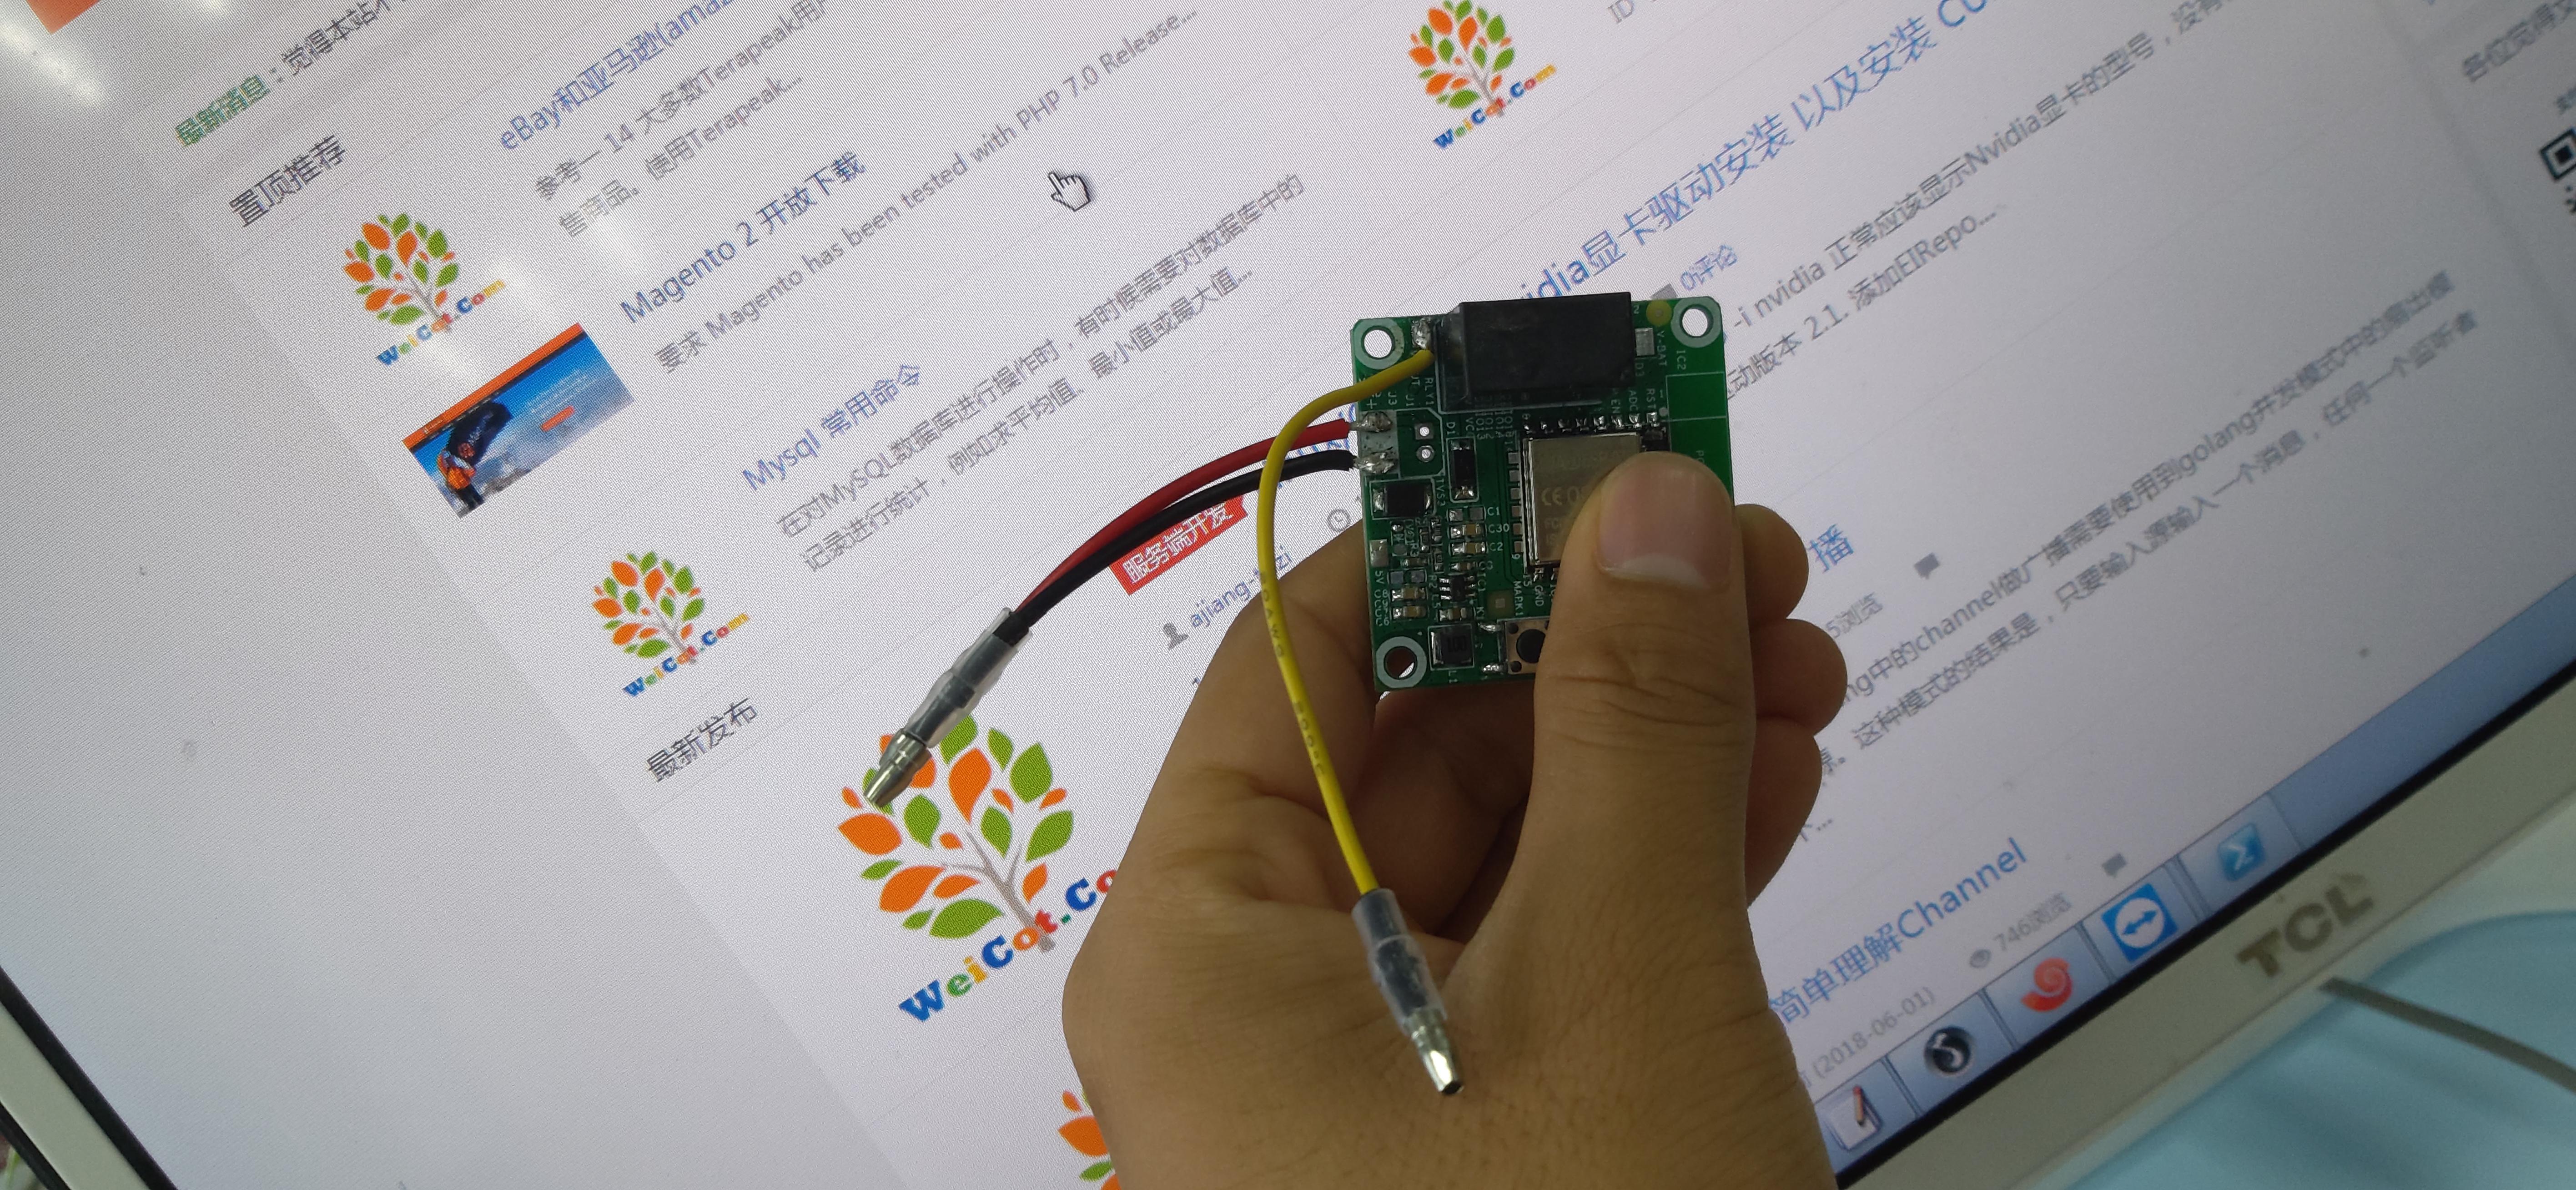 出售智能硬件支持定制开发已经应用的项目有智能物料管理,娱乐,灯控,工地监测等